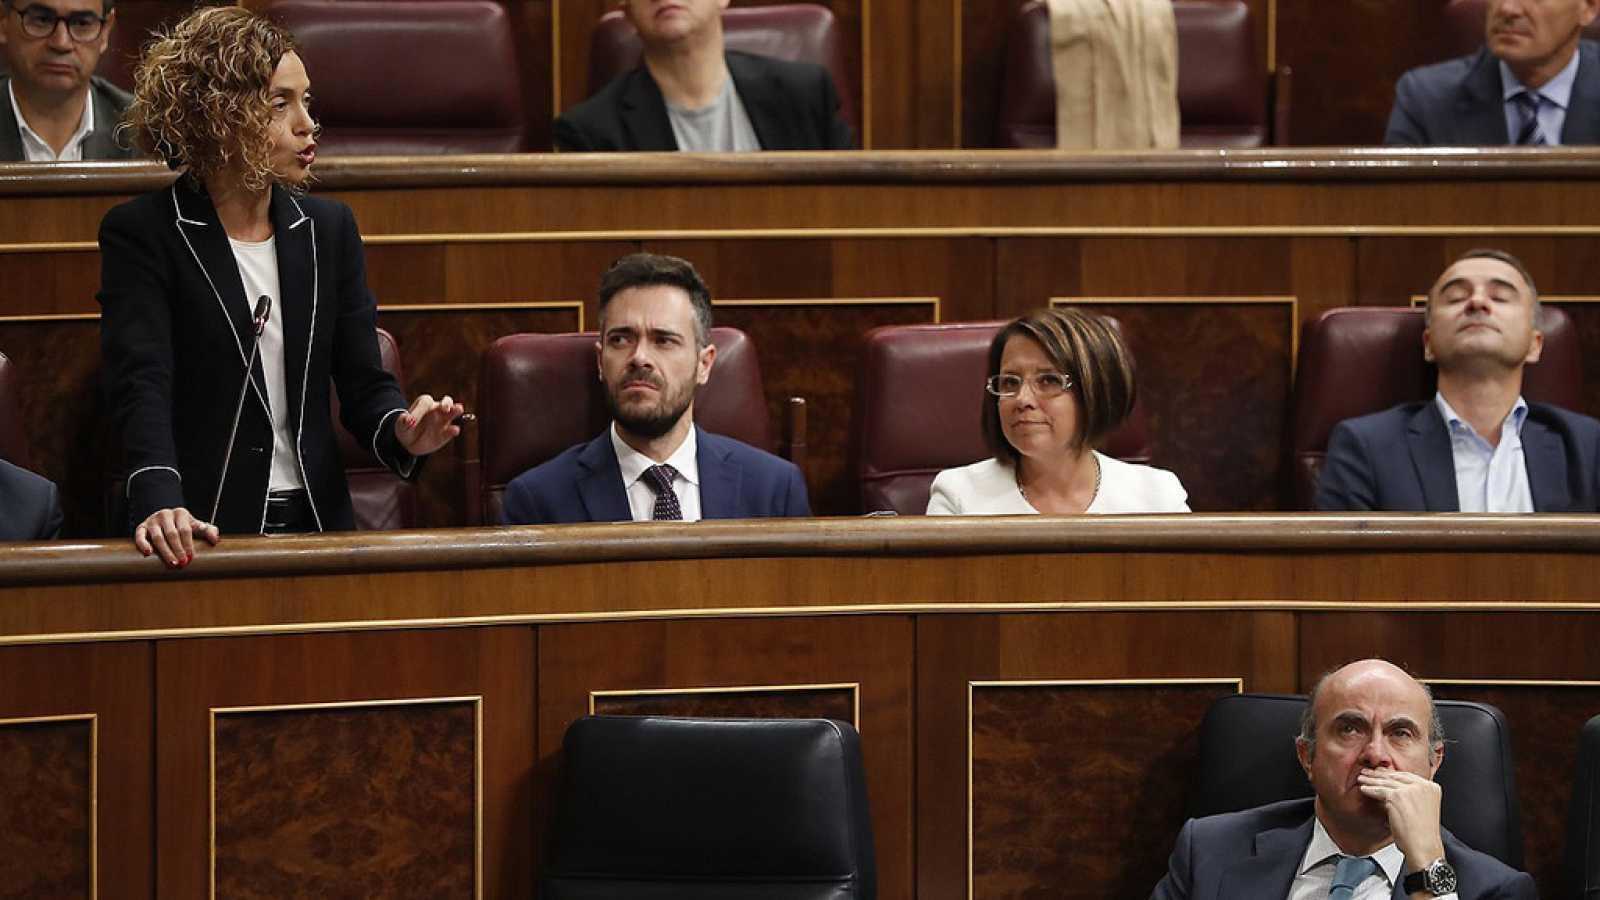 Cataluña | Artículo 155: Batet (PSOE) pide en el Congreso y en catalán que Puigdemont convoque elecciones